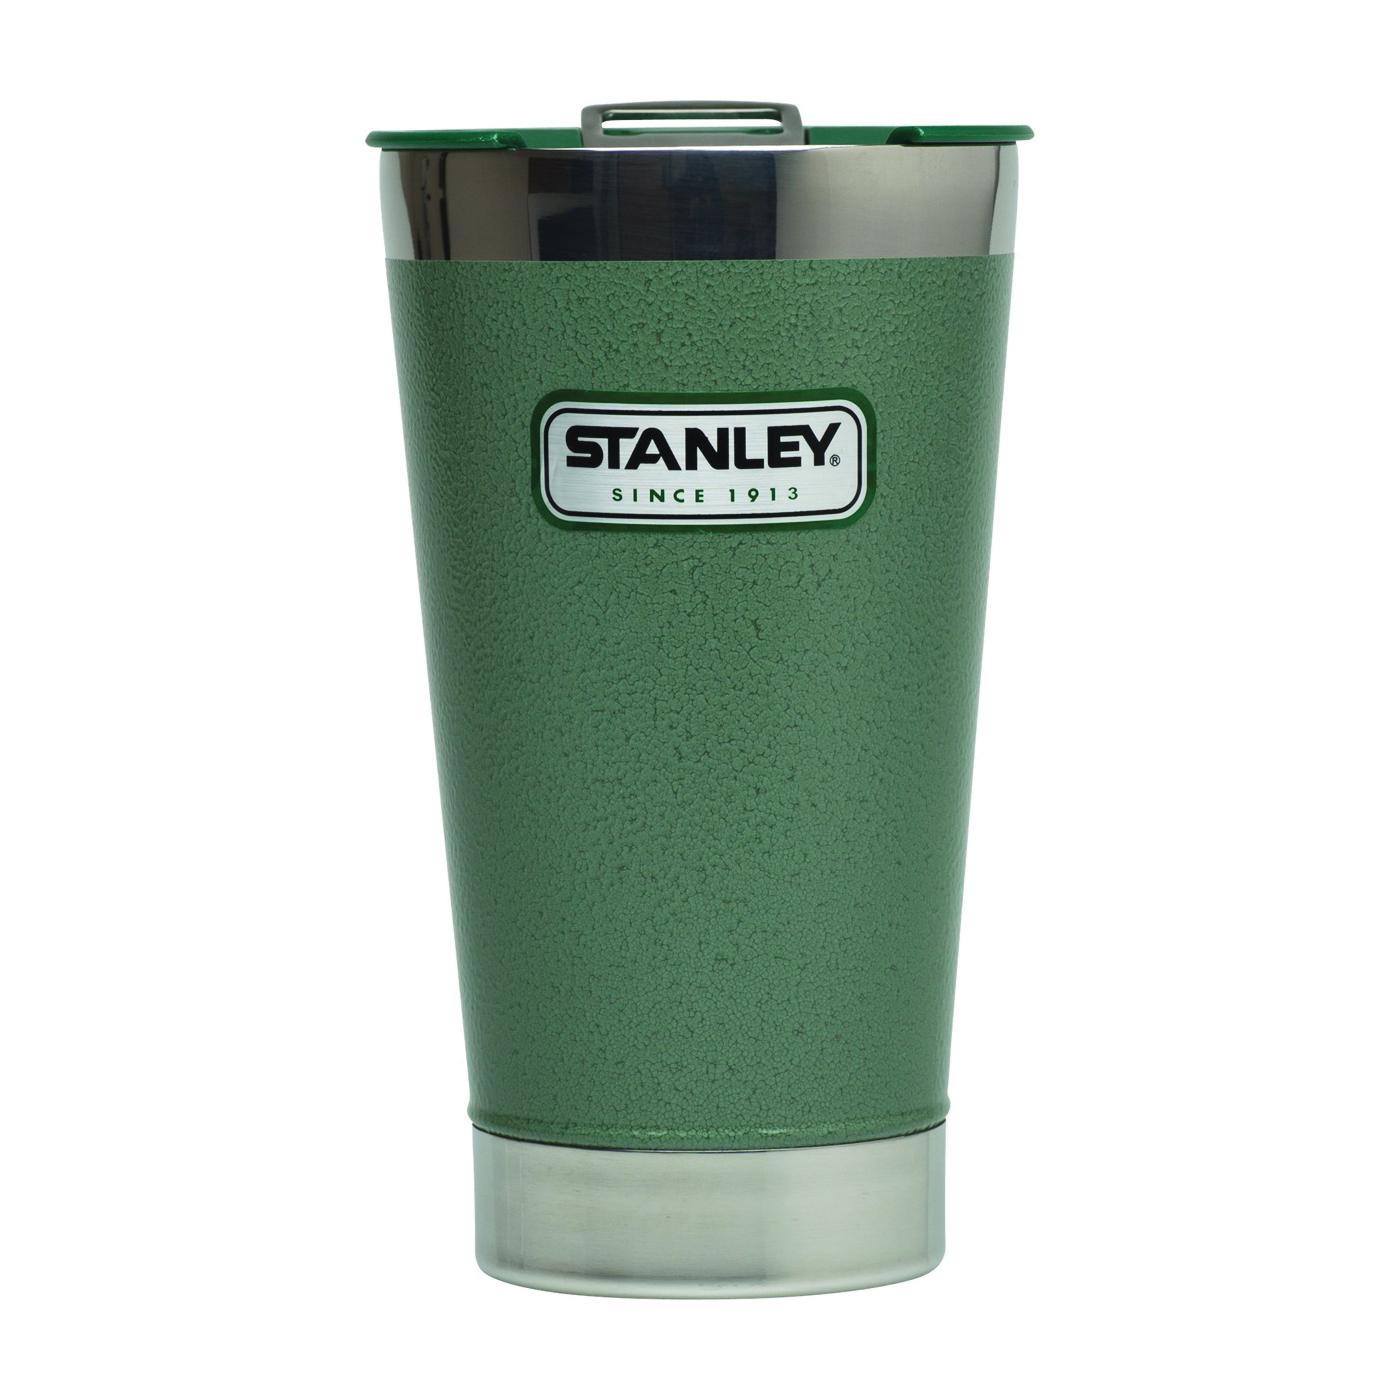 STANLEY 10-01704-001